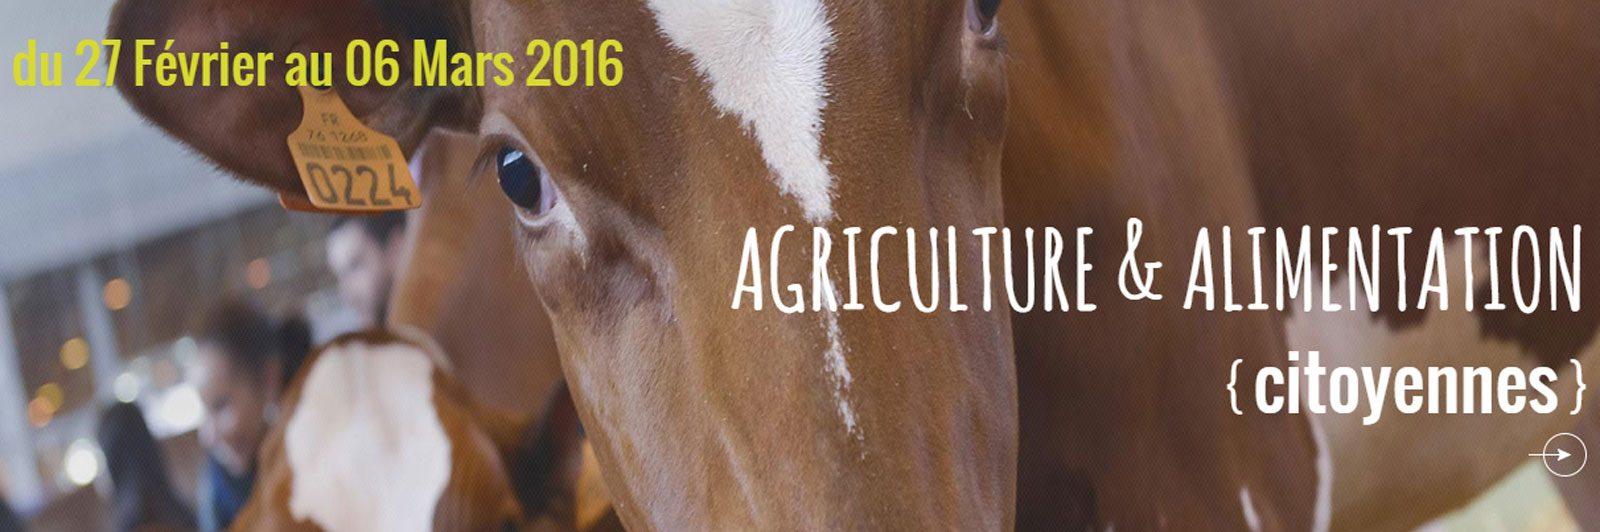 L 39 acal et la moselle au salon de l 39 agriculture paris 2016 for Nocturne salon agriculture